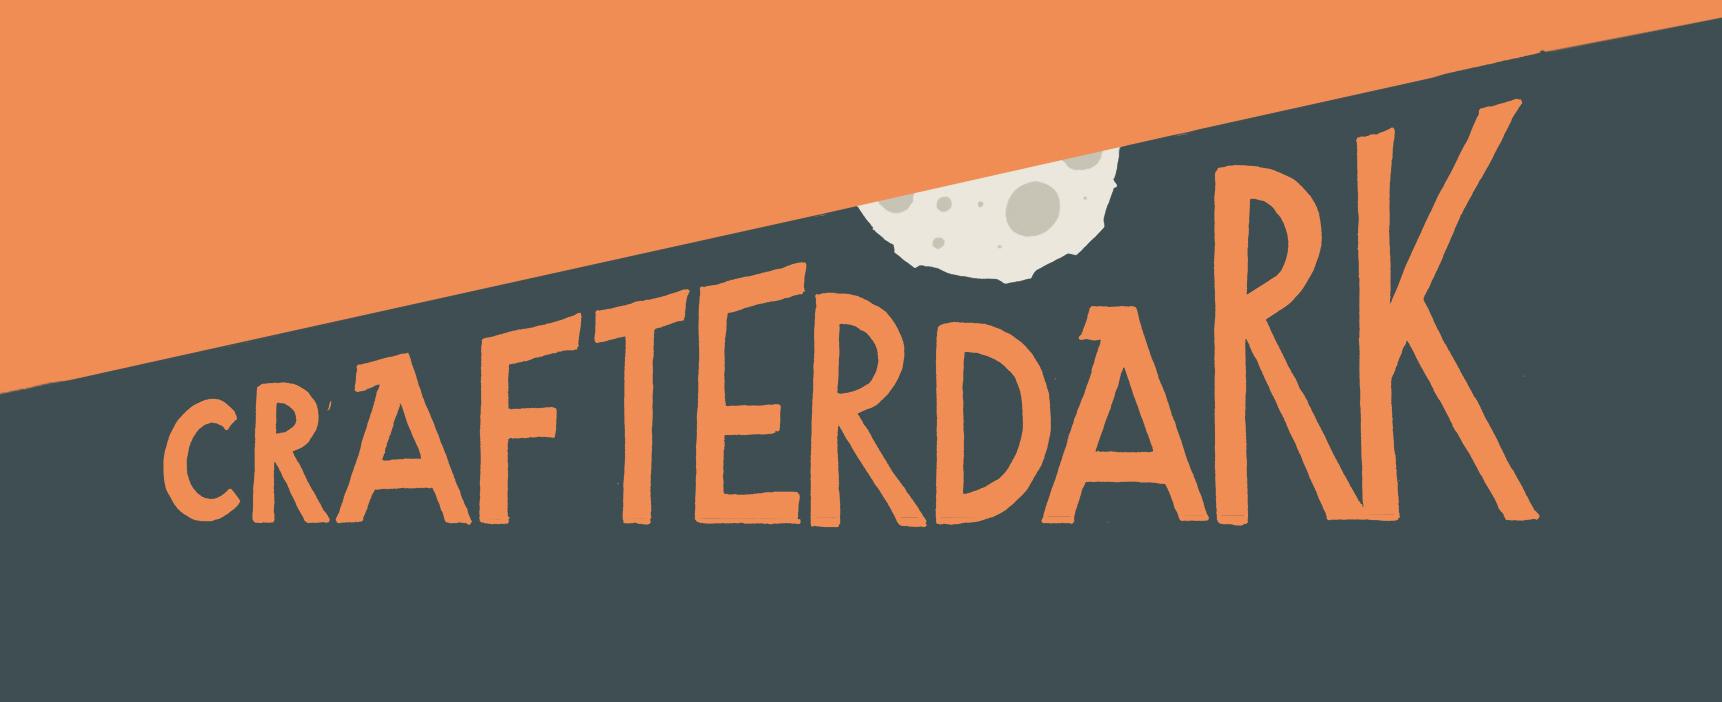 Crafterdark-Header1.jpg